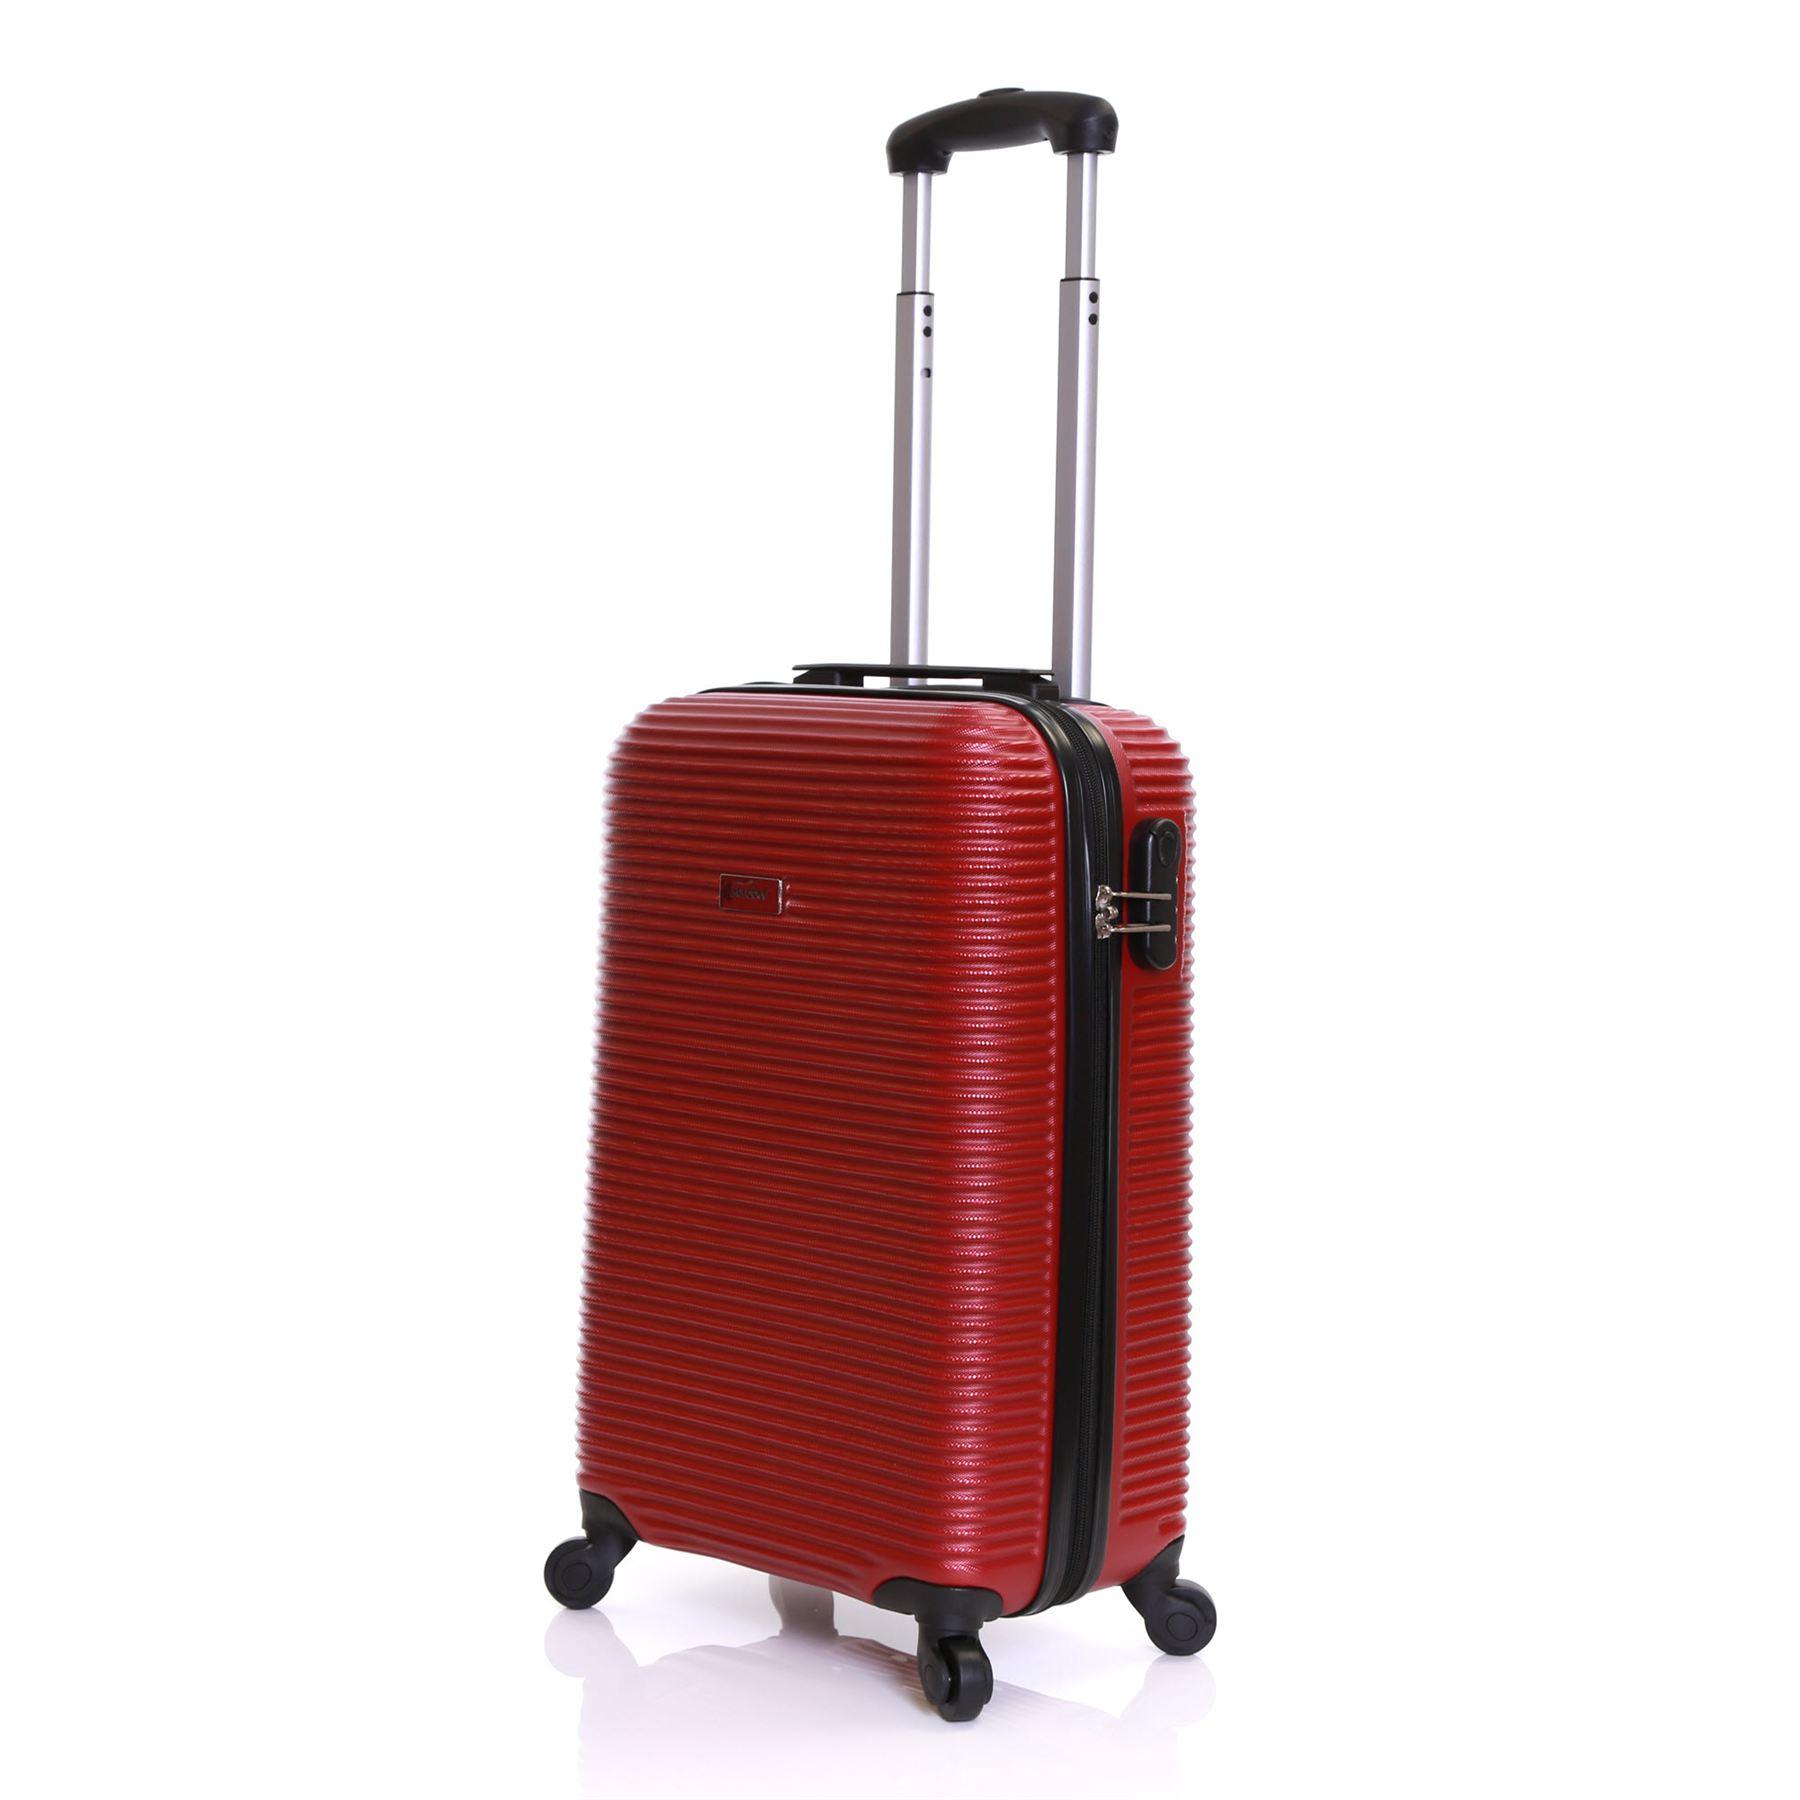 hartplastik kabinengep ck gep ck koffer trolley tasche reisetasche handgep ck ebay. Black Bedroom Furniture Sets. Home Design Ideas